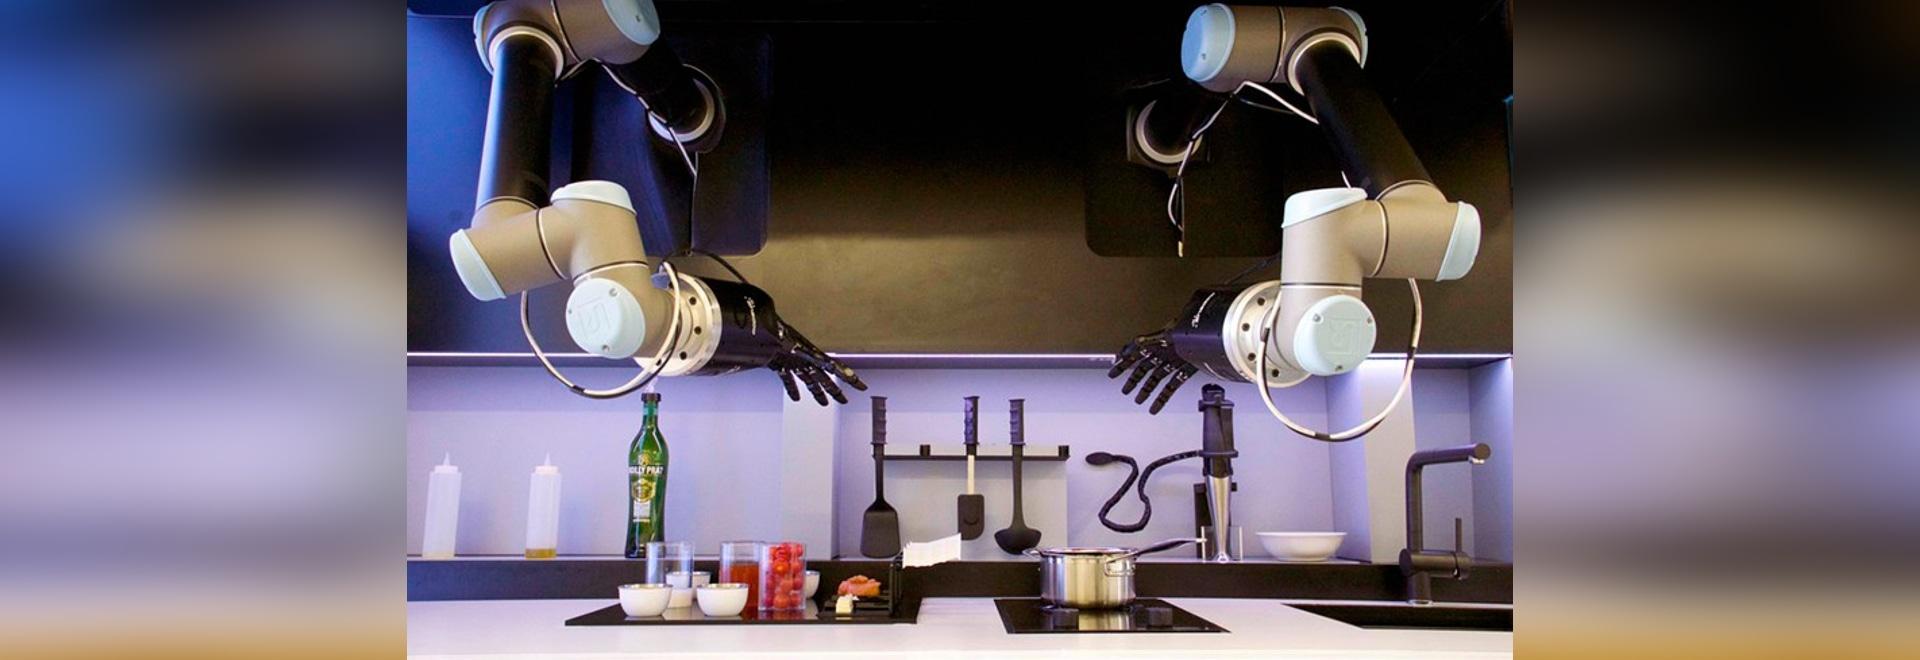 le moley a automatisé des paires d'utilisations de cuisine de bras robotiques pour préparer des repas